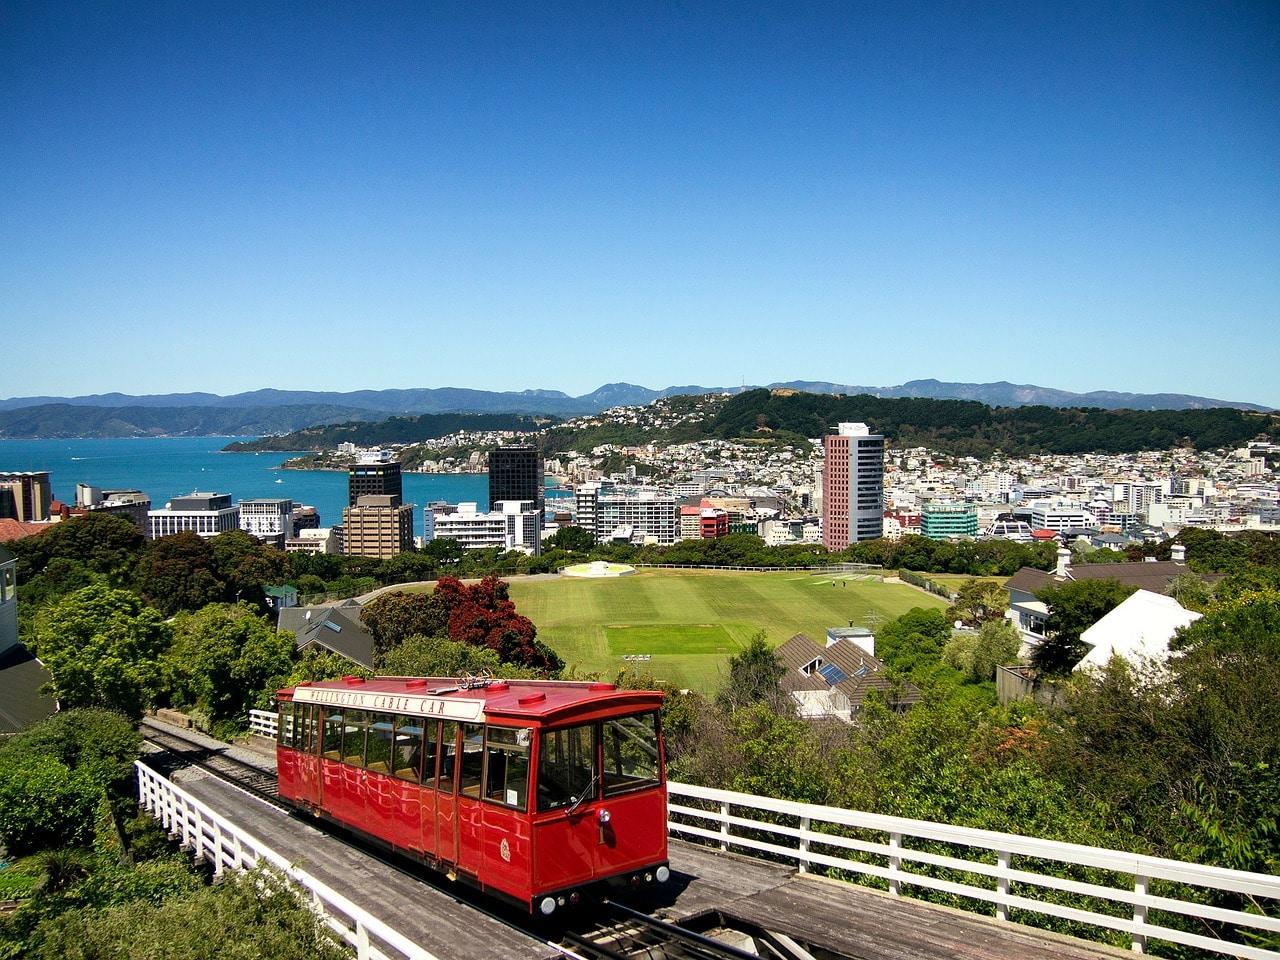 Voyage en van en Nouvelle Zélande : ce qu'il faut savoir avant de prendre la route